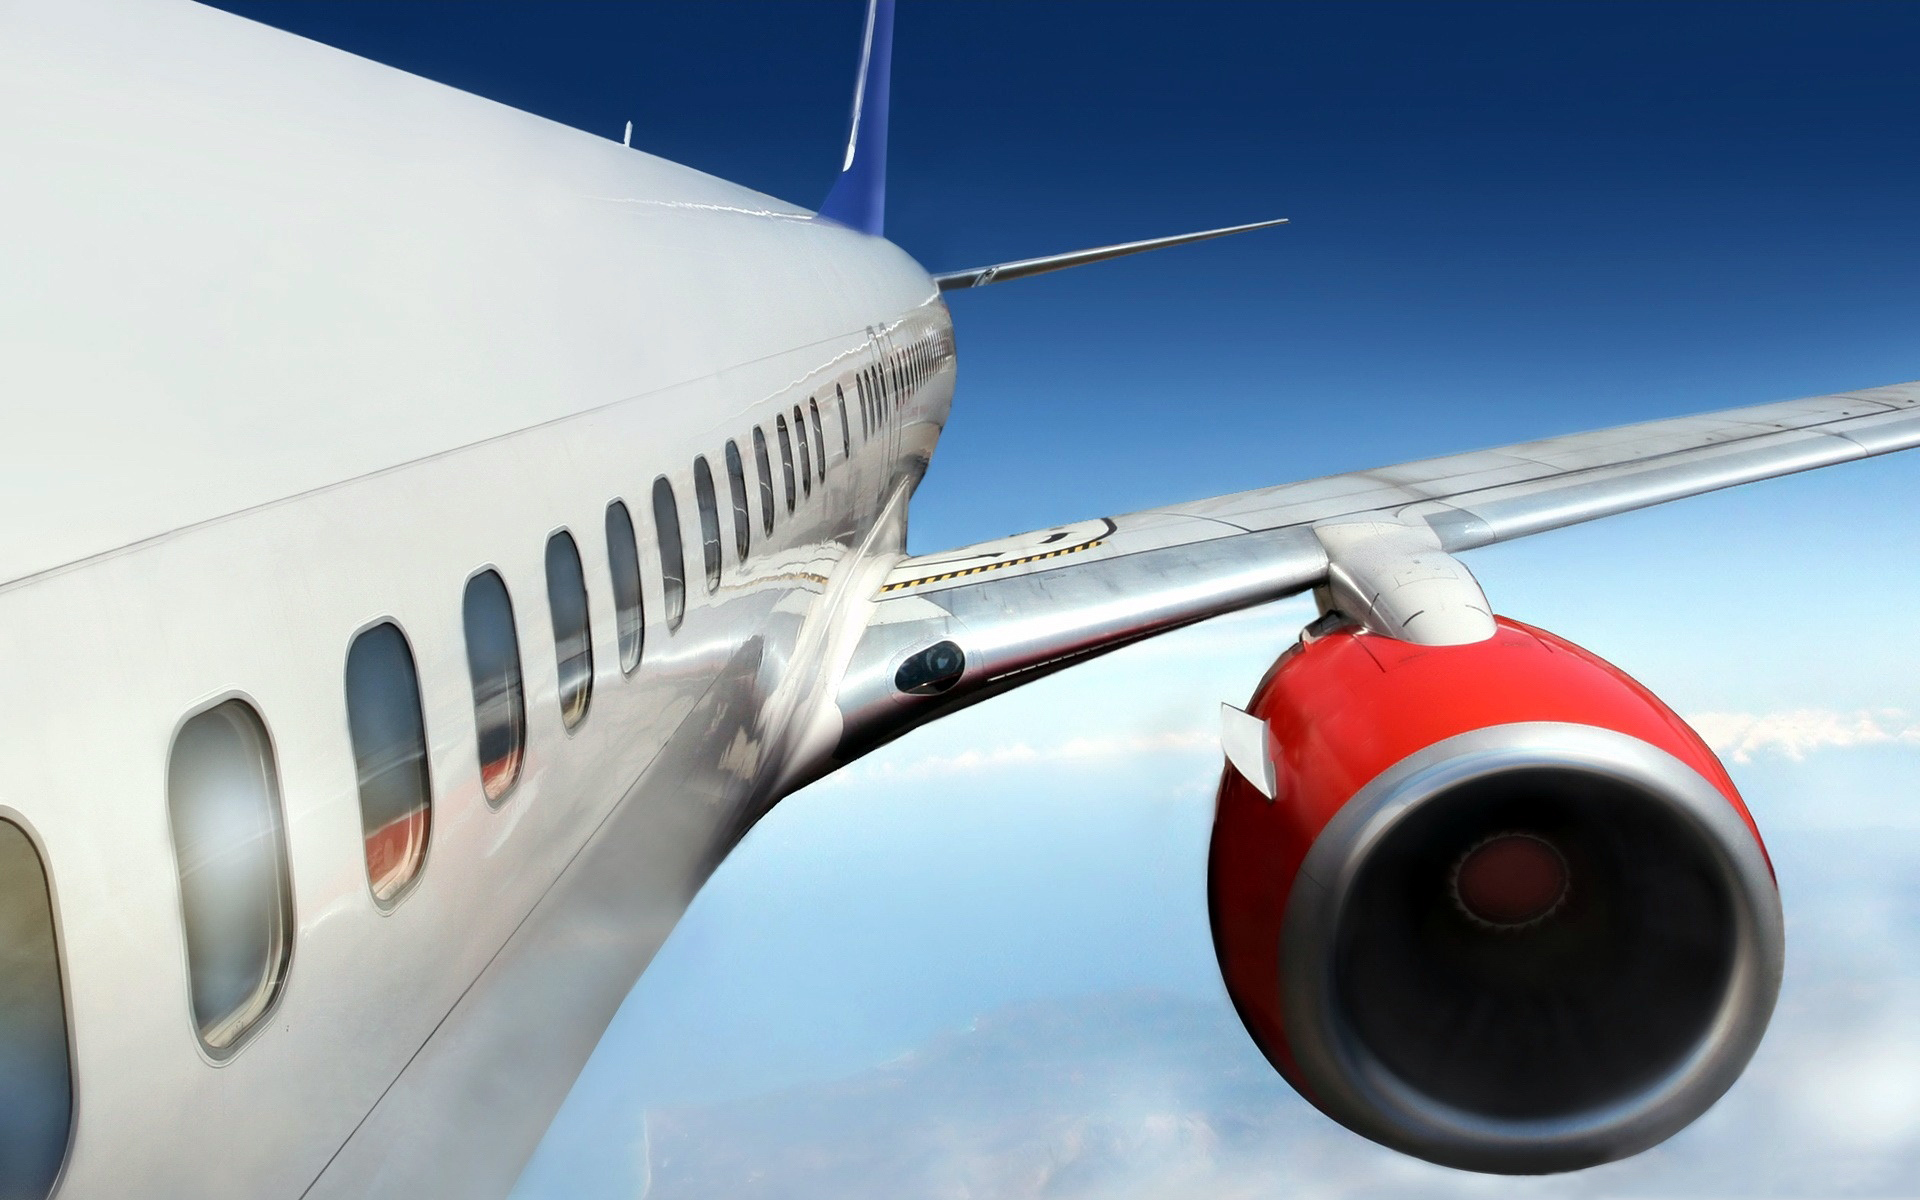 Flight759566385 - Flight - Flight, Discovery